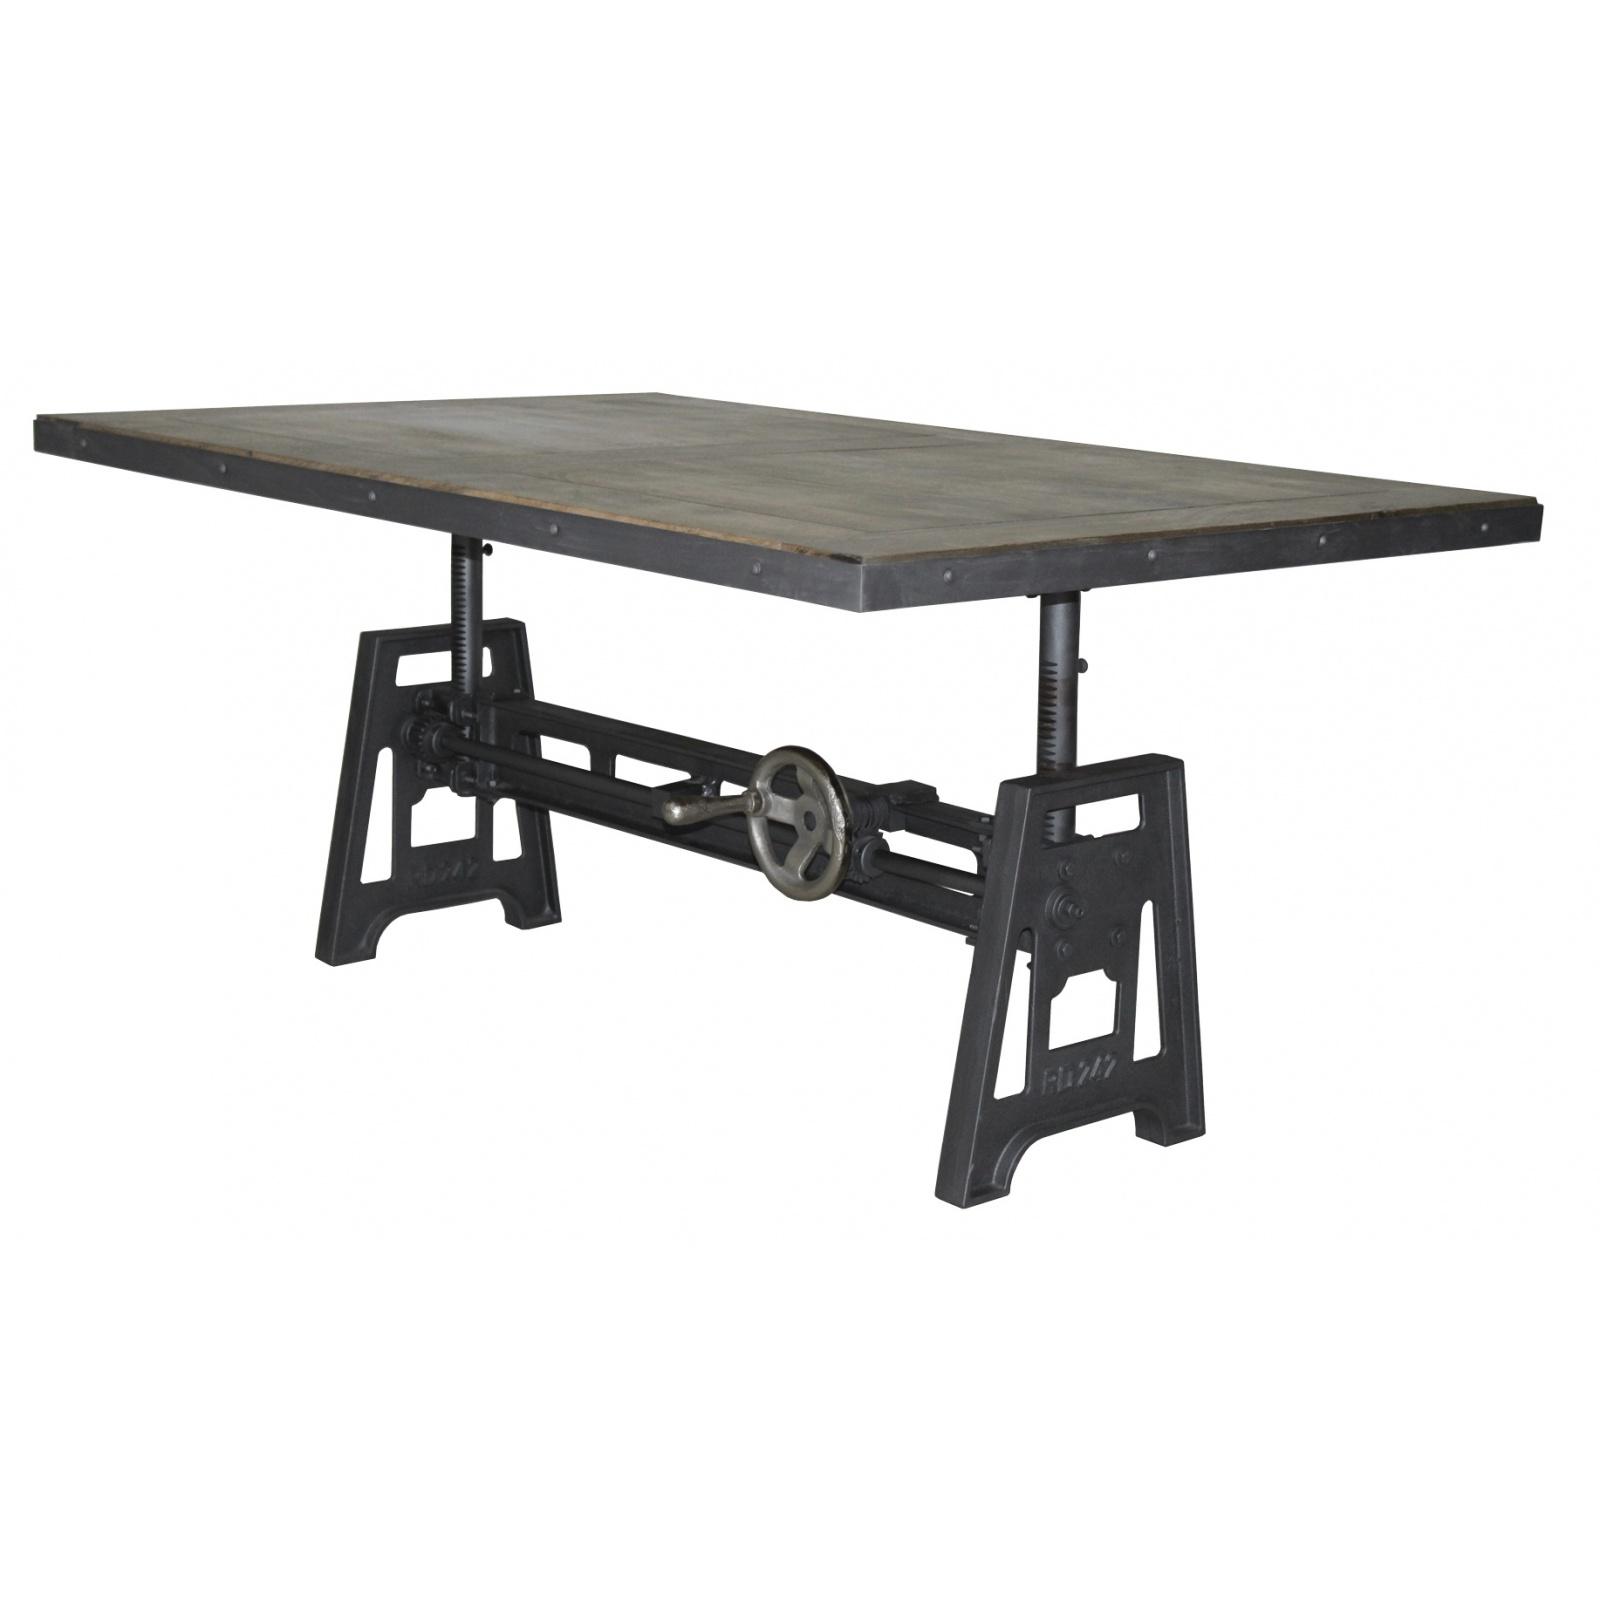 table basse manivelle 140cm demeure et jardin. Black Bedroom Furniture Sets. Home Design Ideas